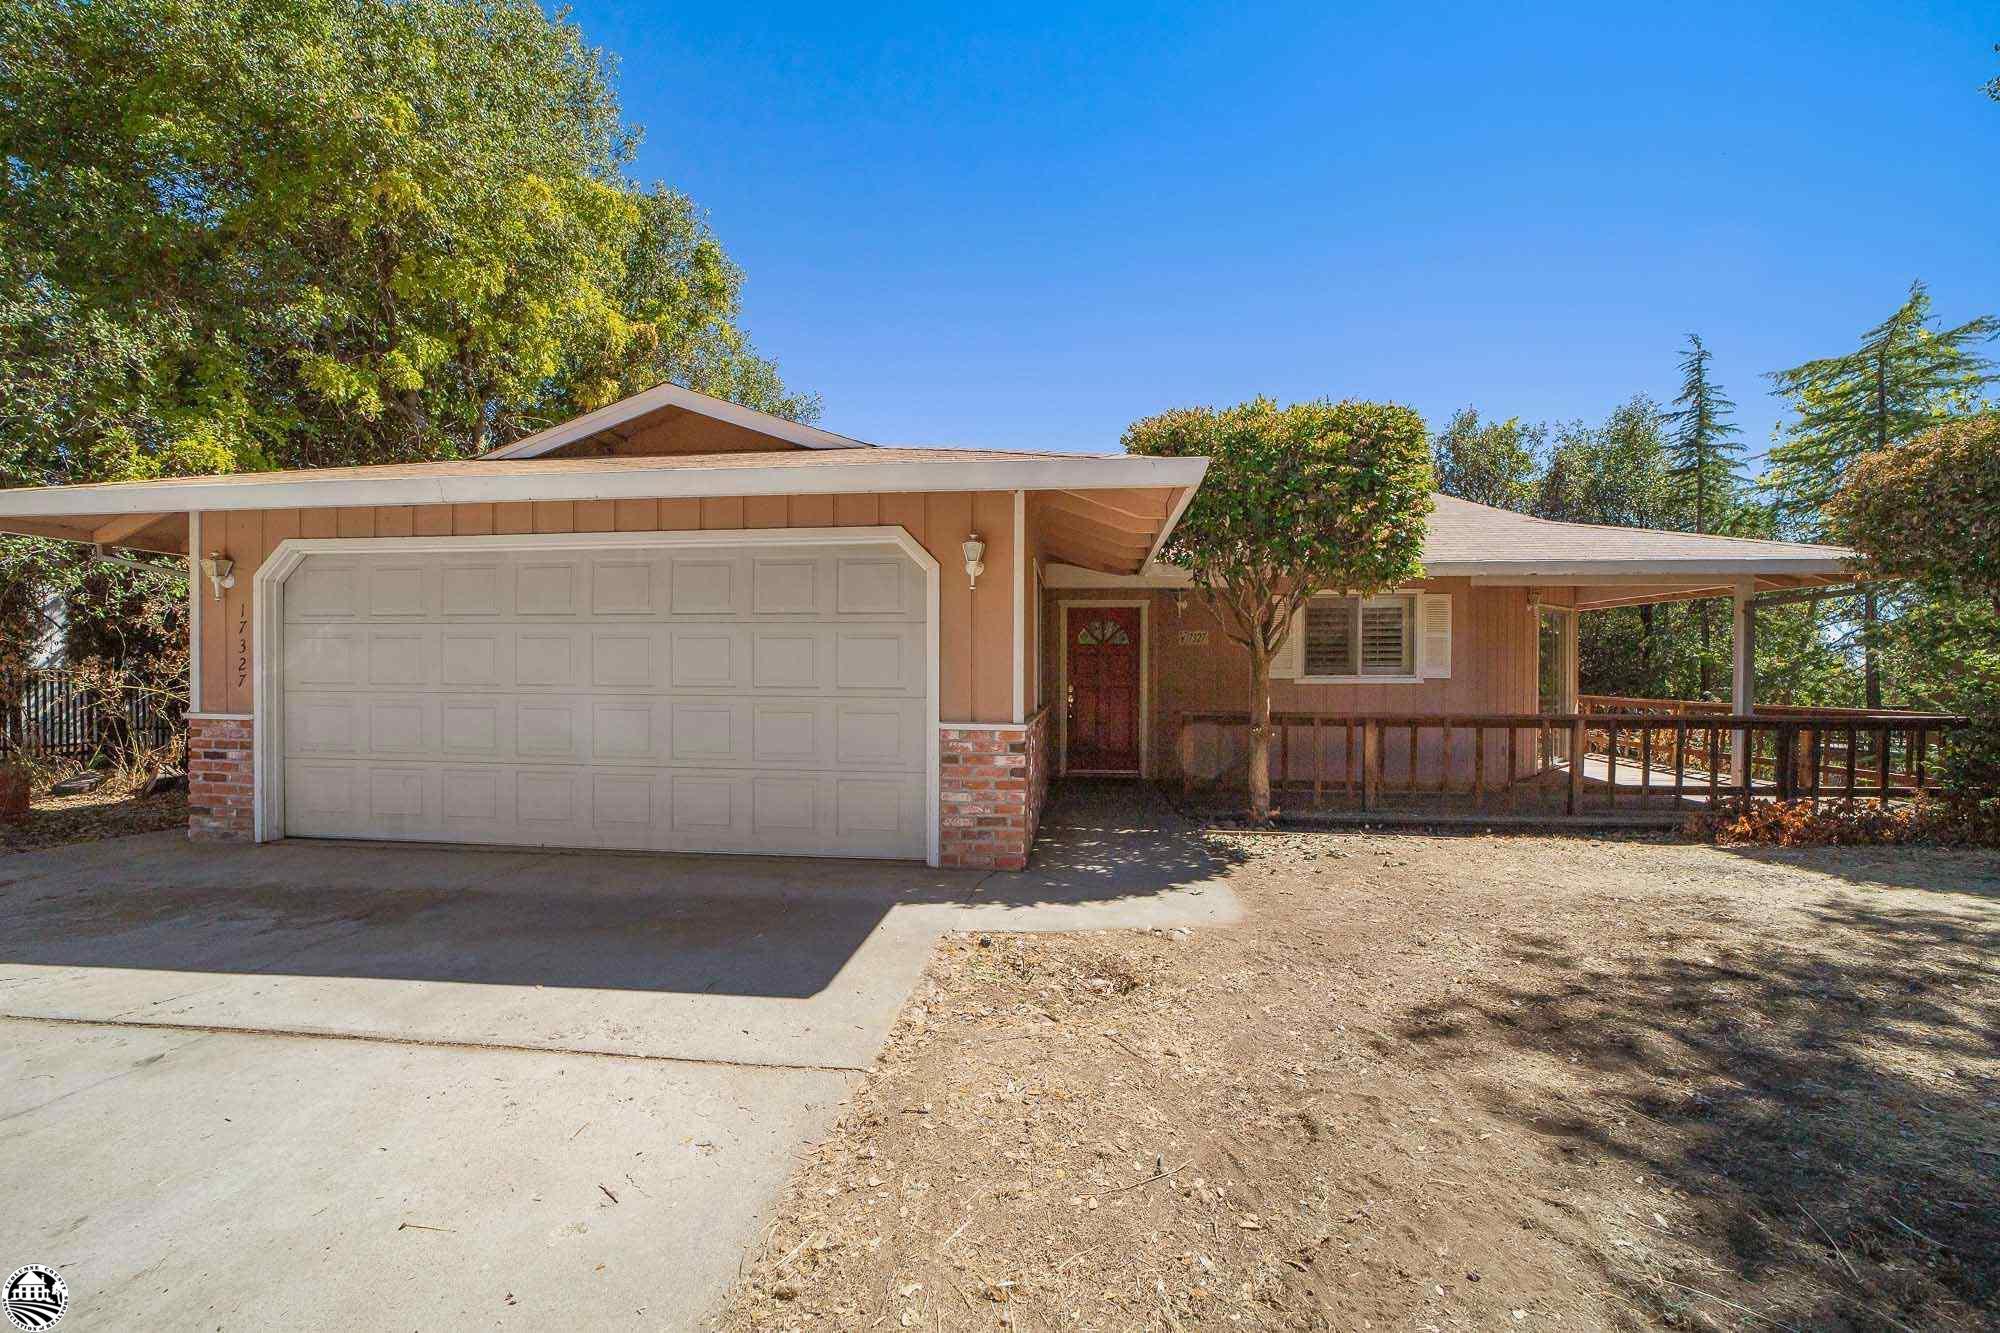 17327 Valley Oak Drive, Sonora, CA 95370